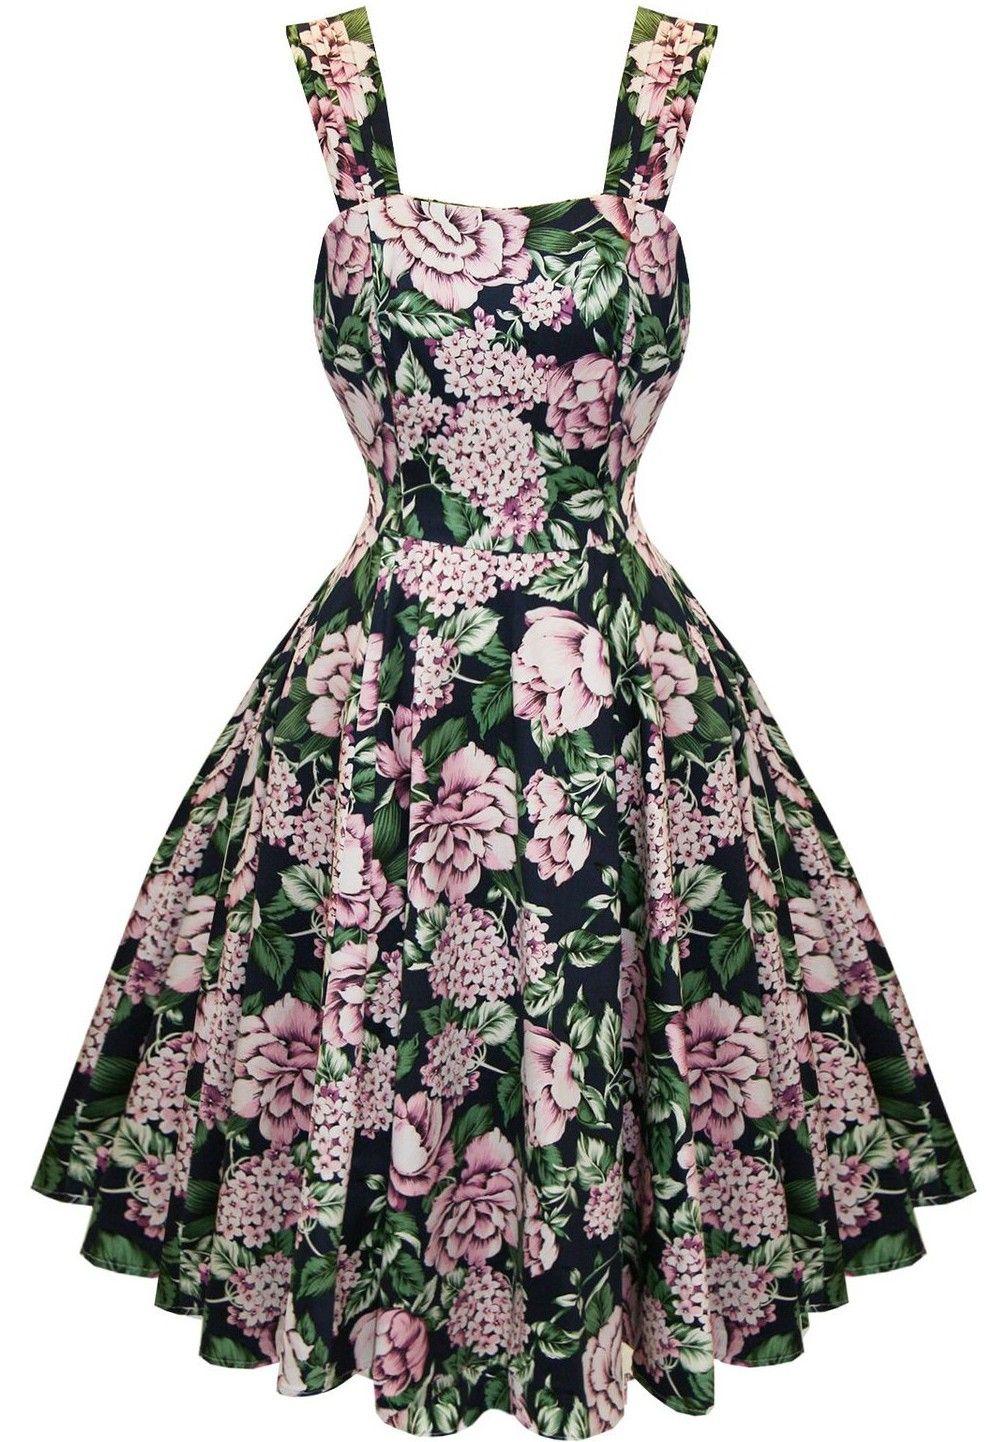 Dress Penny Party Dresses Uk Vintage Tea Party Dresses Dresses [ 1442 x 994 Pixel ]